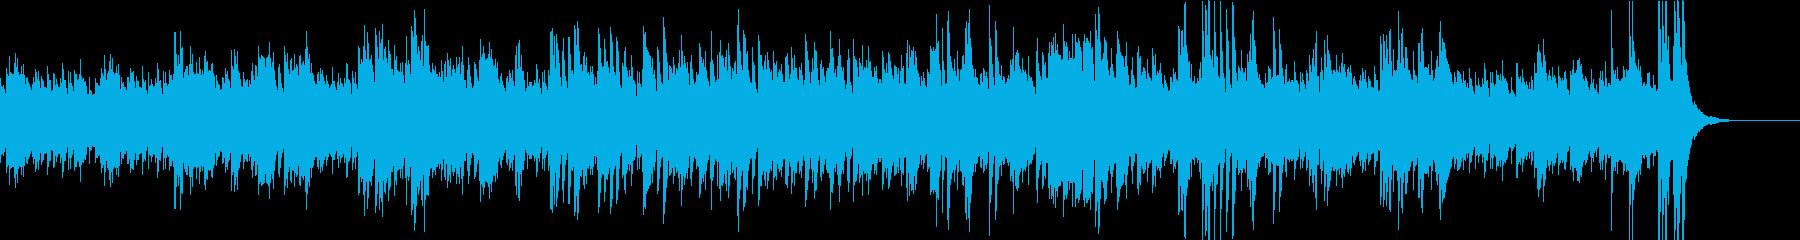 ピアノ連弾・ジャズ・ボサノバ・おしゃれの再生済みの波形